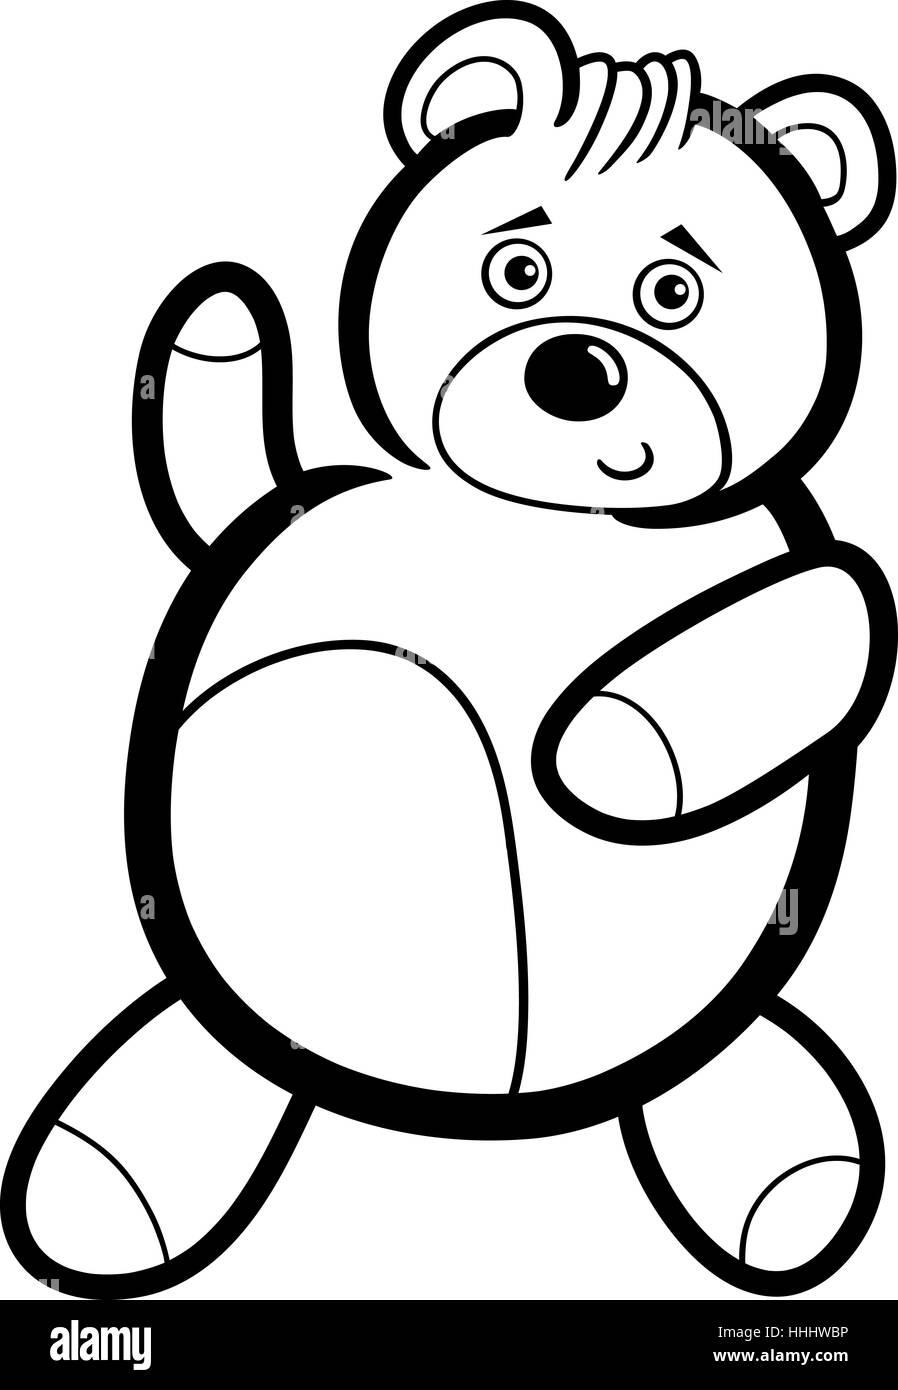 Ilustración Del Personaje De Dibujos Animados Lindo Oso De Peluche